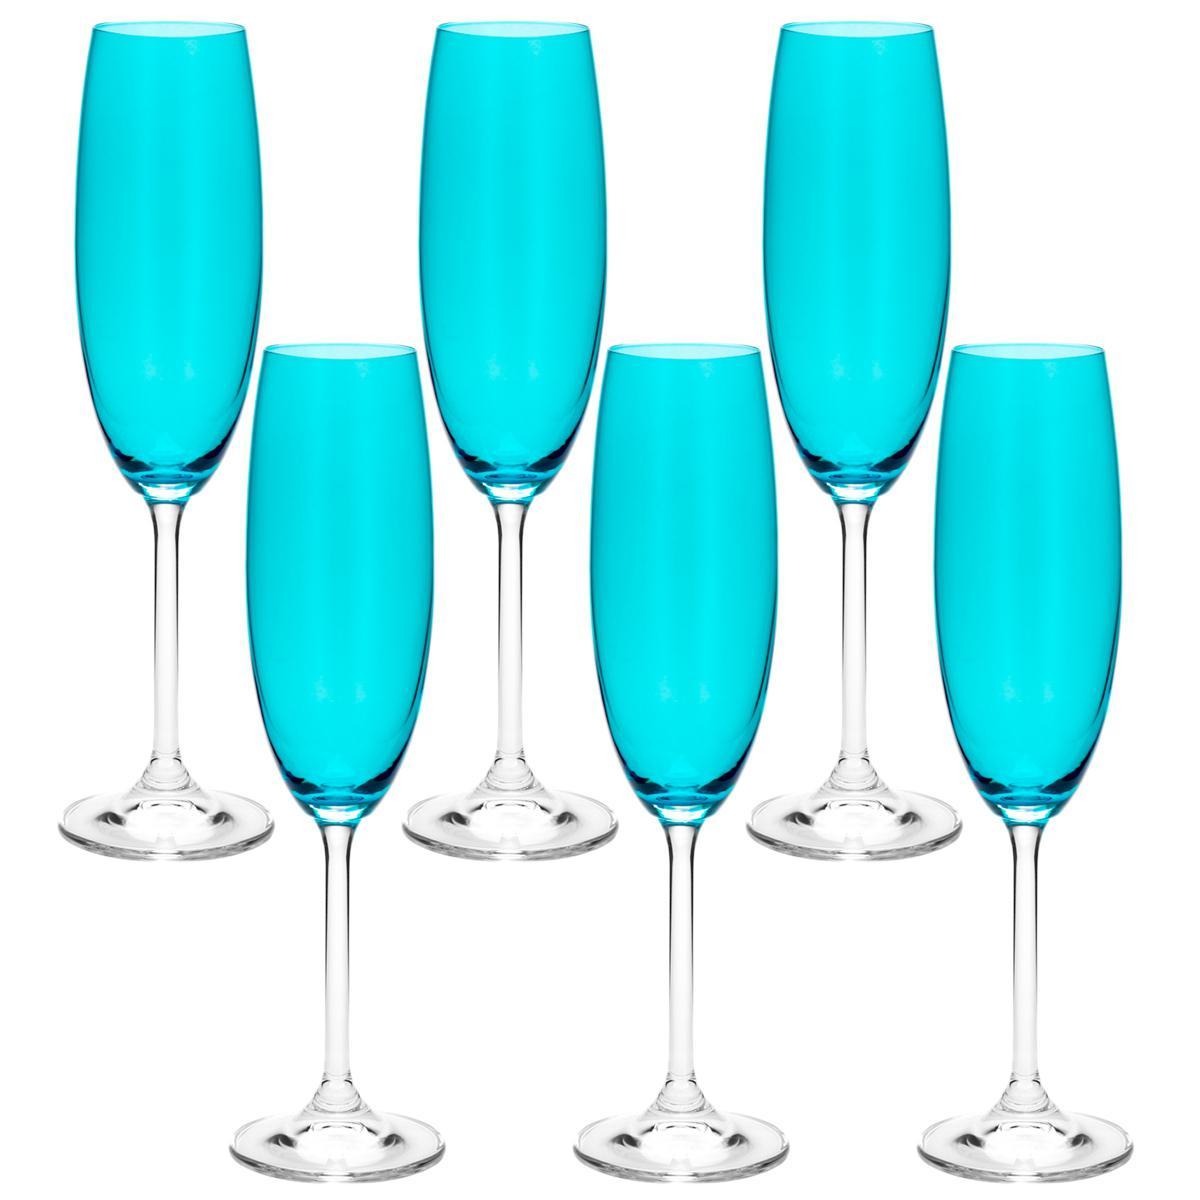 Jogo de 6 Taças de Champanhe 220ml Azul Turquesa